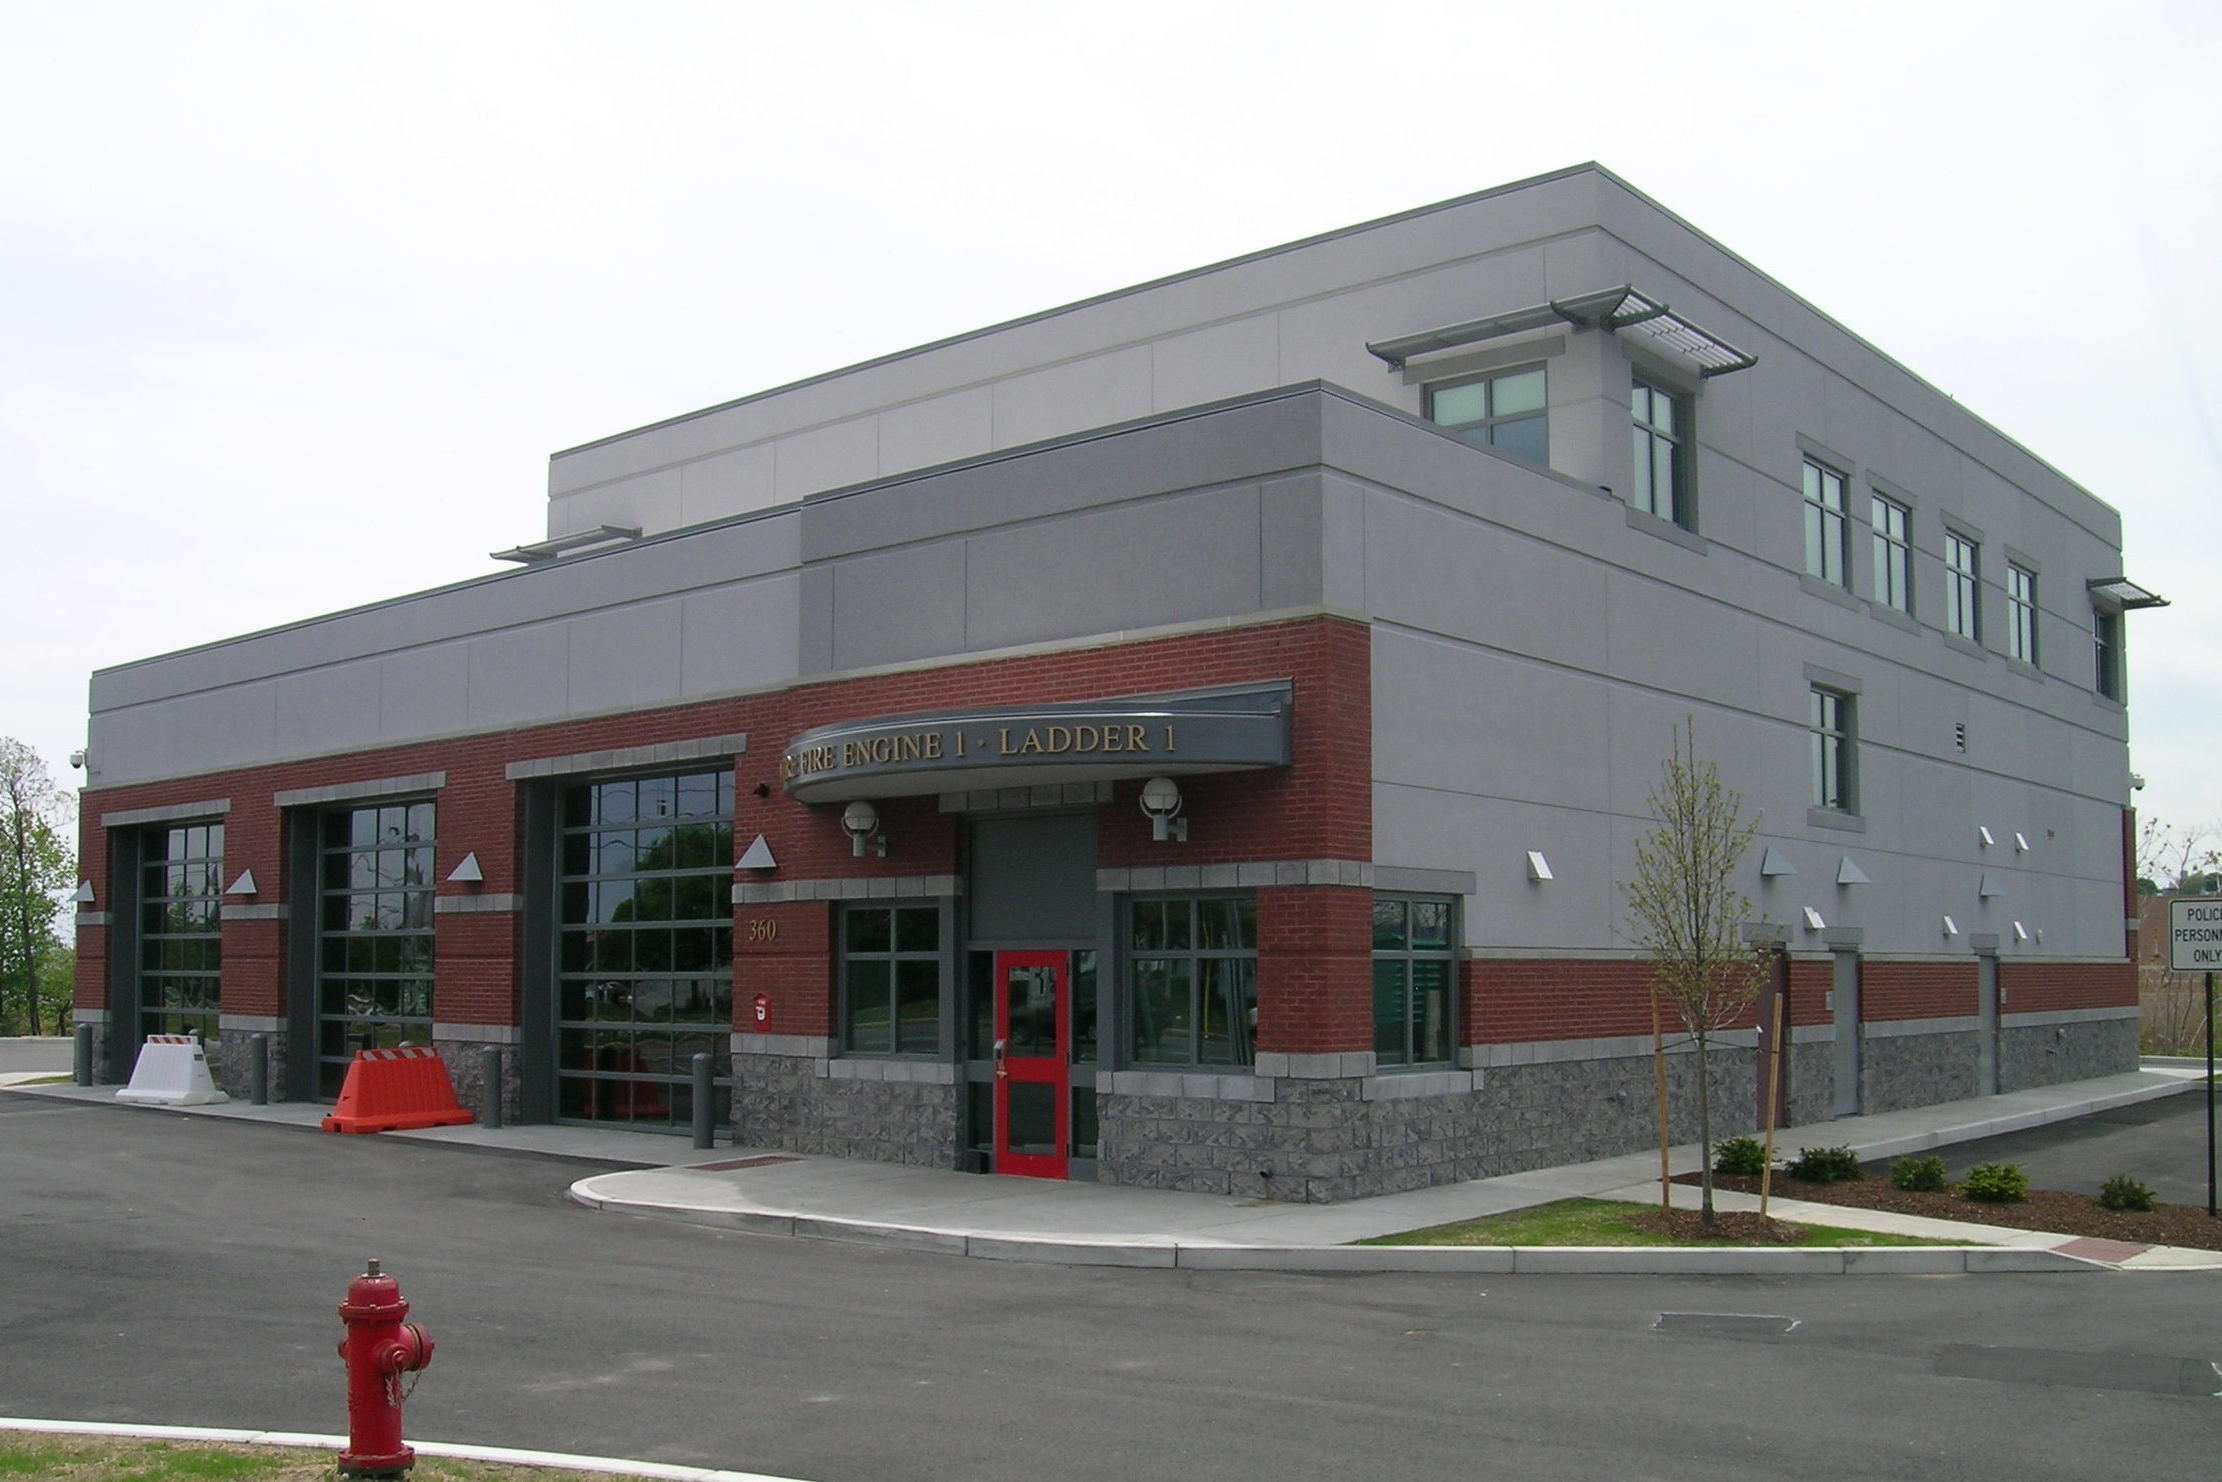 Revere Fire Station